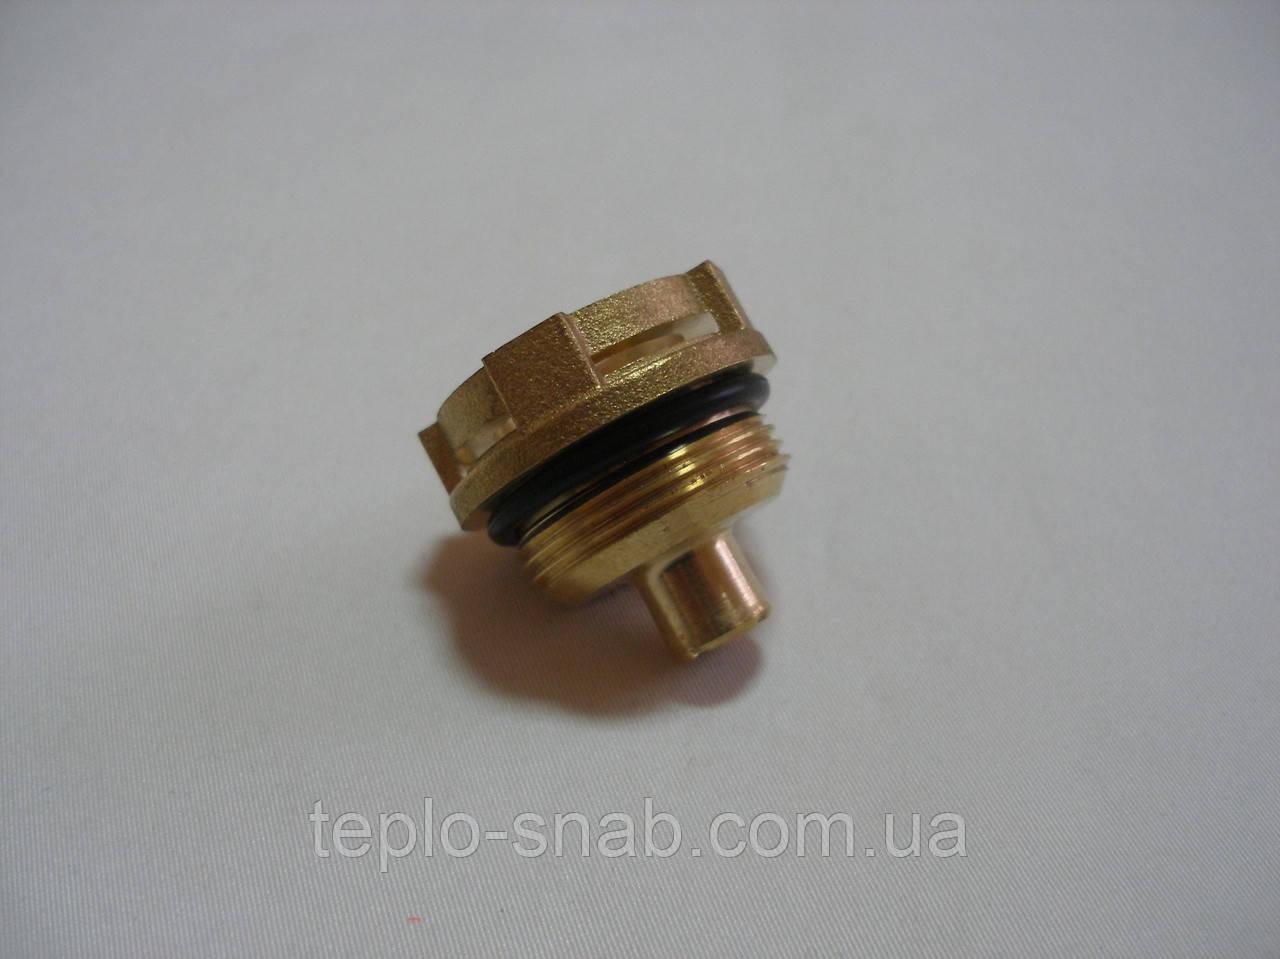 Заглушка гидравлической системы (гайка 3-х ходового сервопривода) Westen , Baxi . 600750